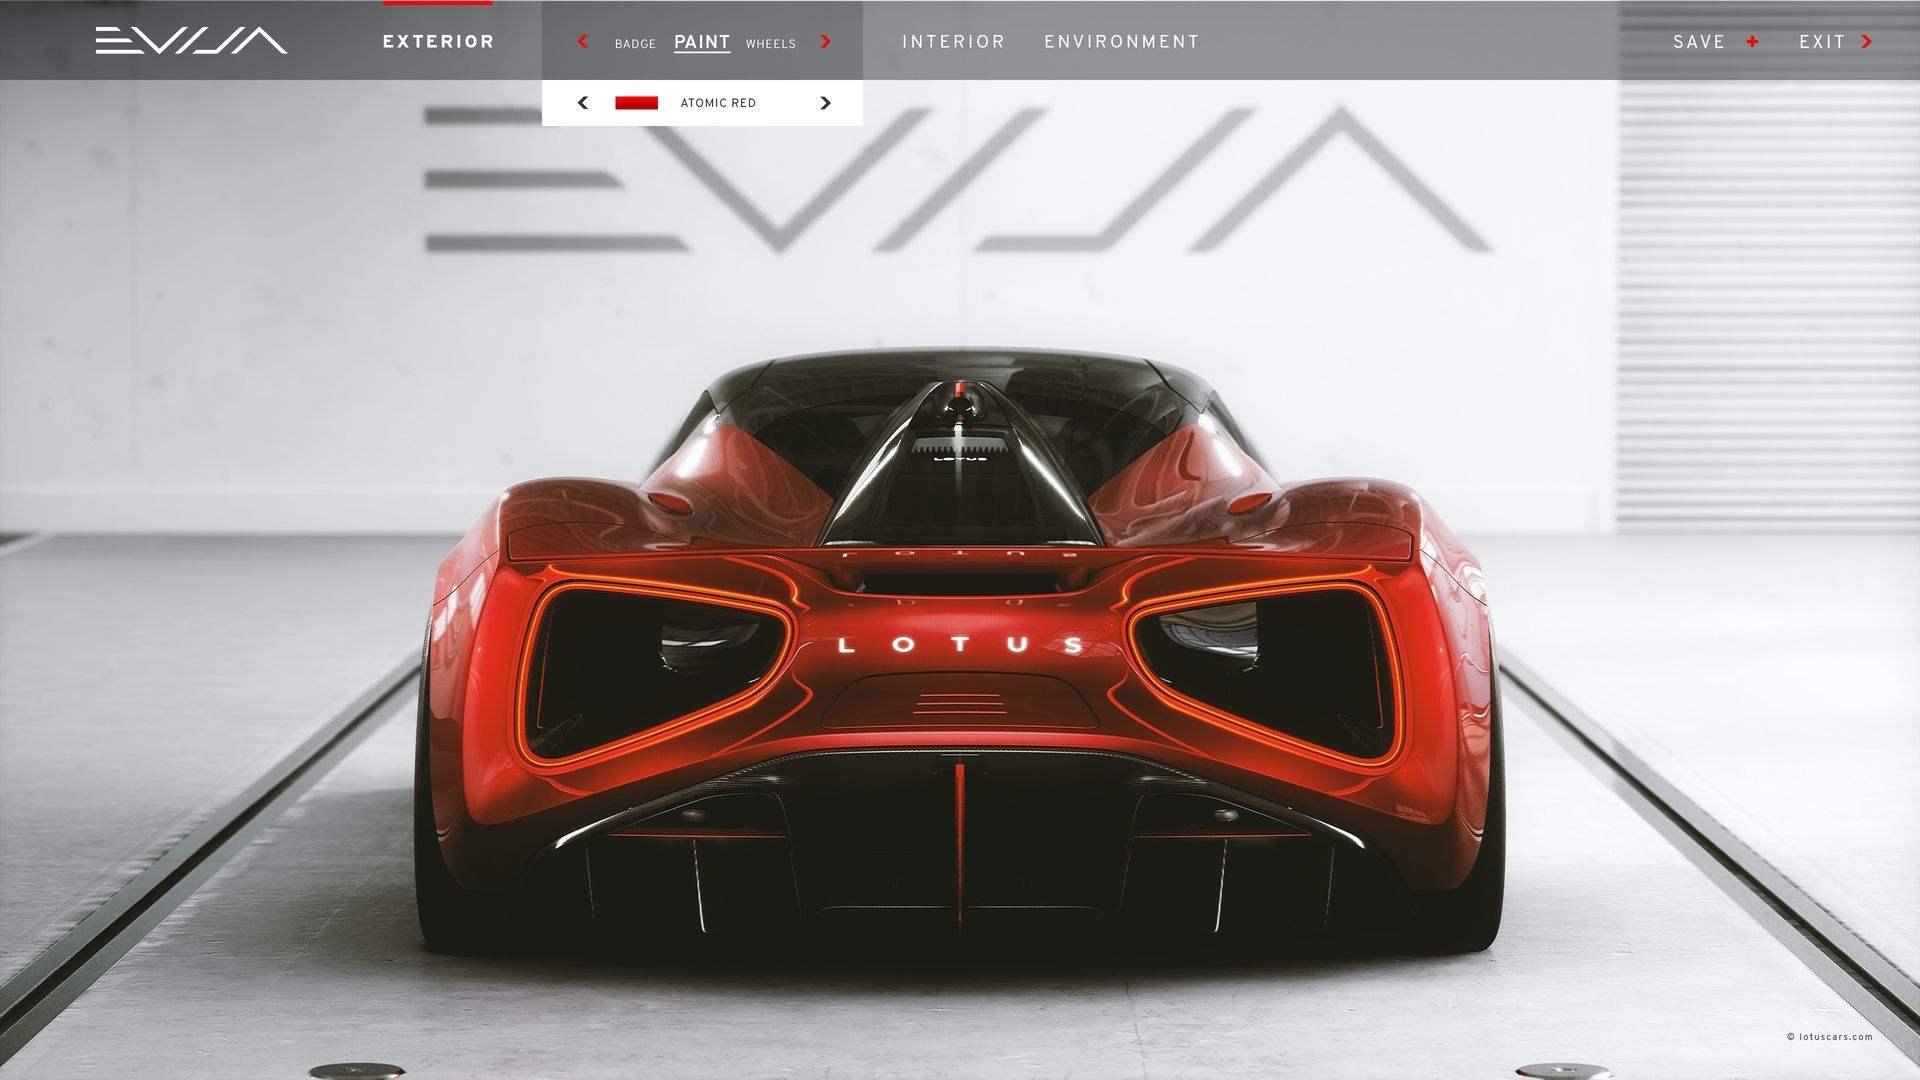 Lotus_Evija_Atomic_Red_0002